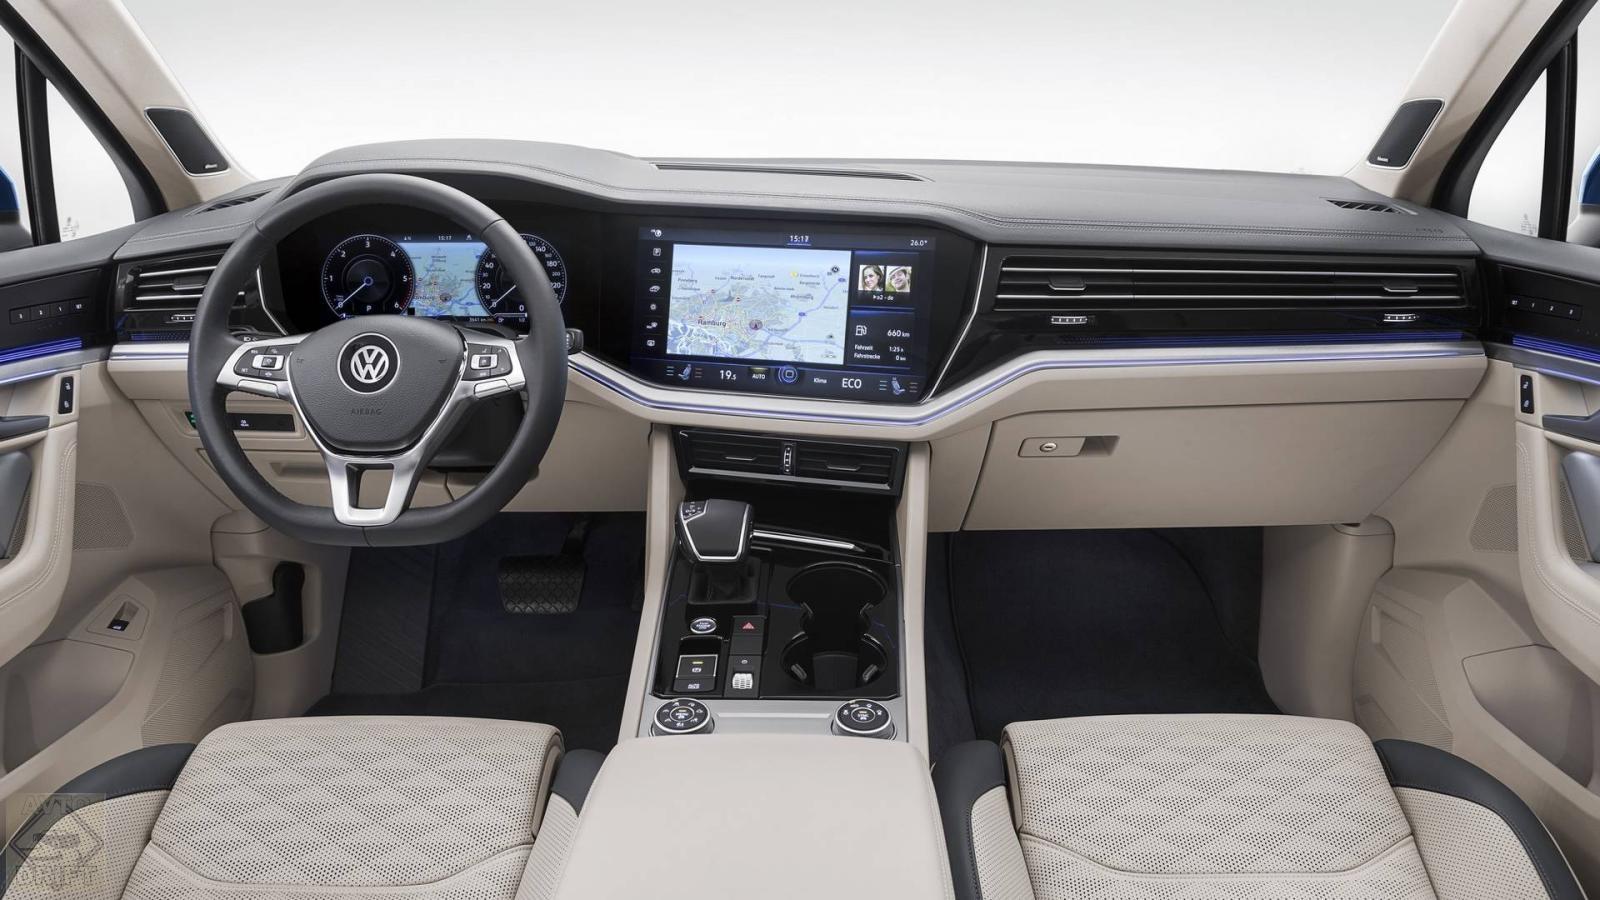 nuova volkswagen touareg 3 - Volkswagen официально представил Touareg нового поколения